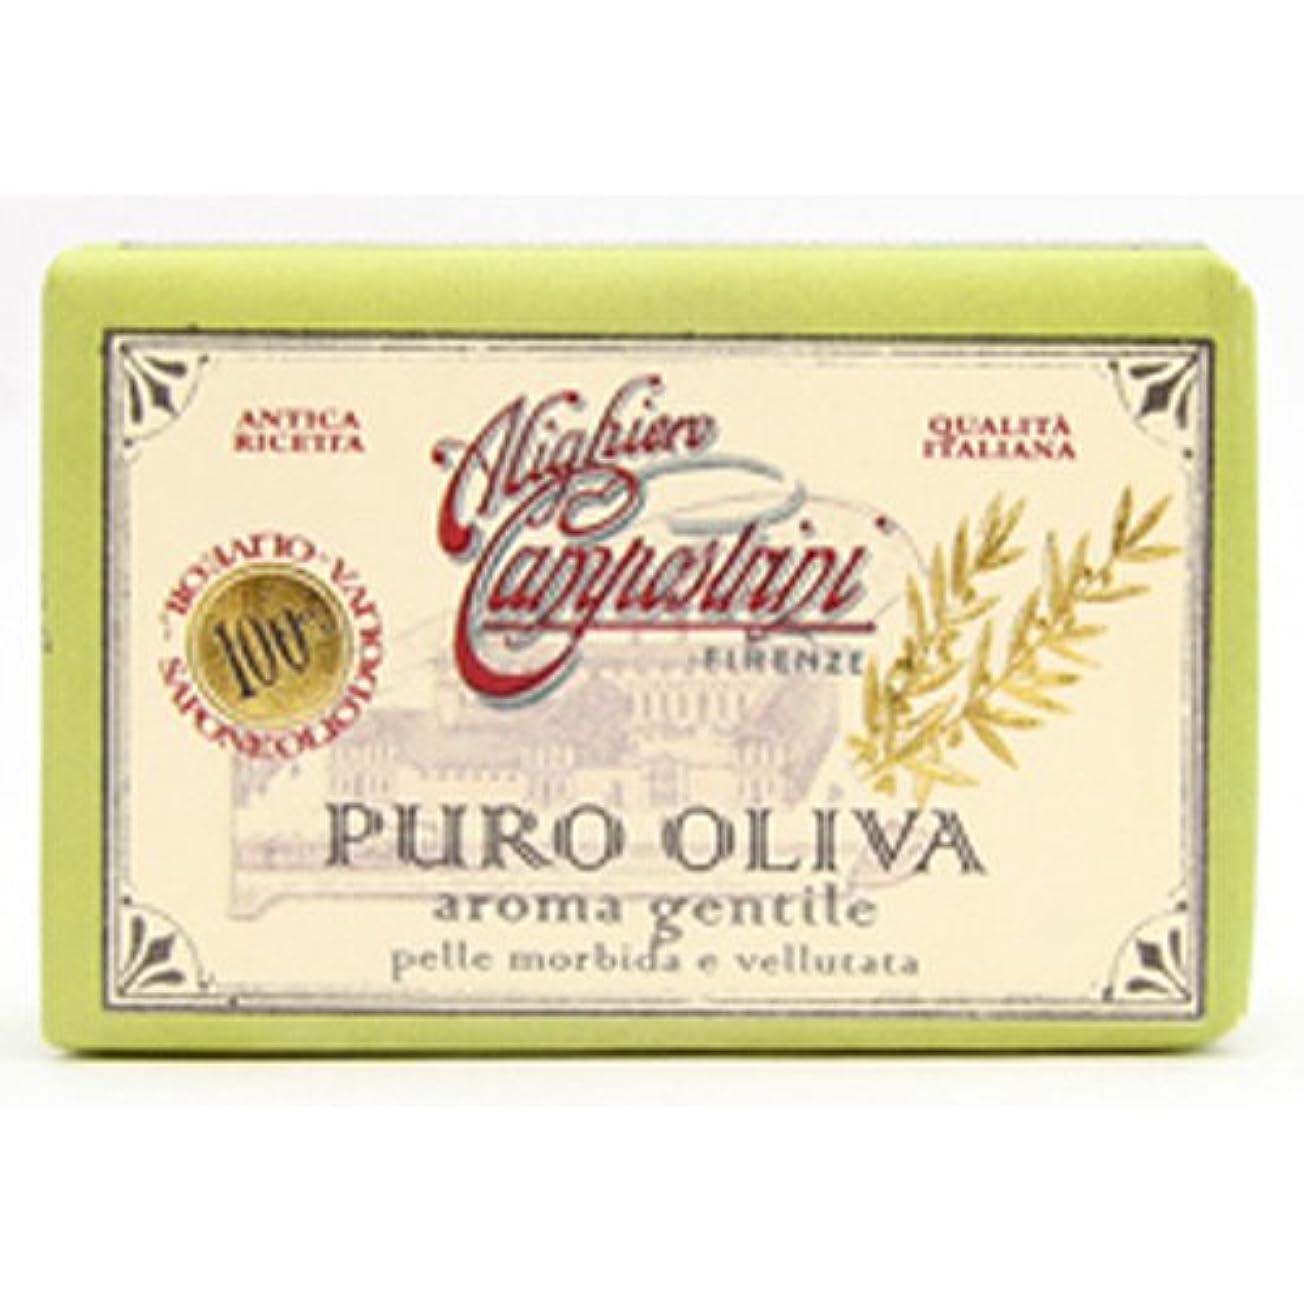 希少性ハグ旅客Saponerire Fissi サポネリーフィッシー PURO OLIVA Soap オリーブオイル ピュロ ソープ Aroma gentile ジェントル(グリーン)